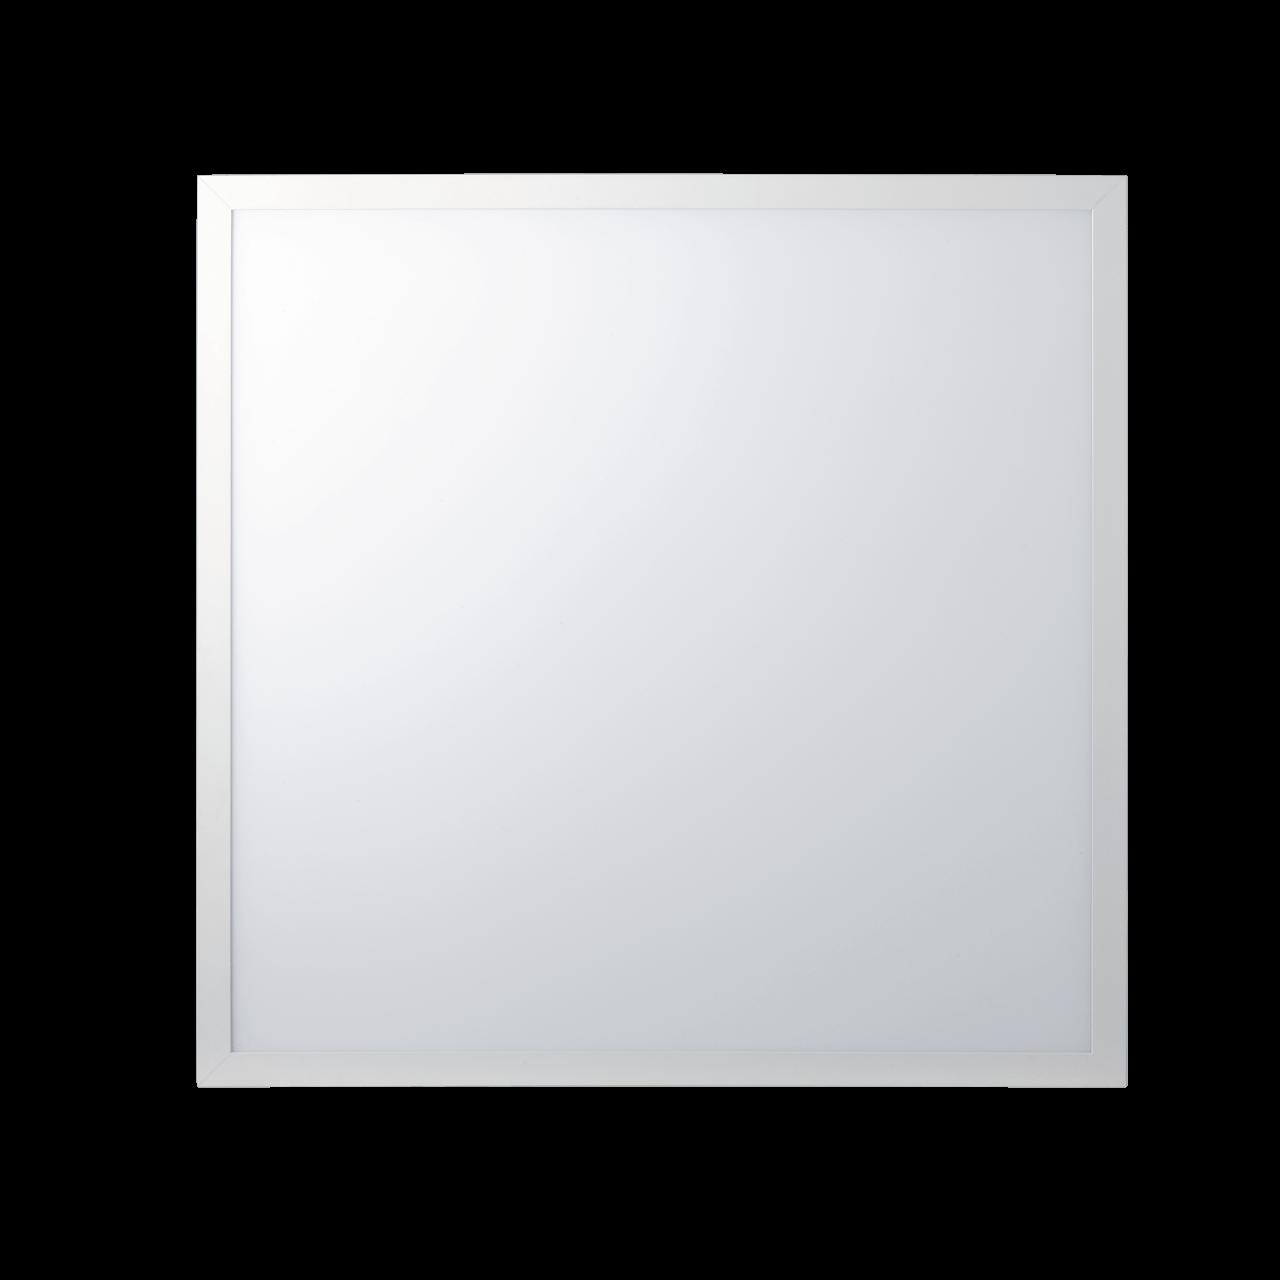 Светодиодный встраиваемый светильник Ilumia 40Вт, 595x595x15мм, 4000К (нейтральный белый), 3000Лм (024)